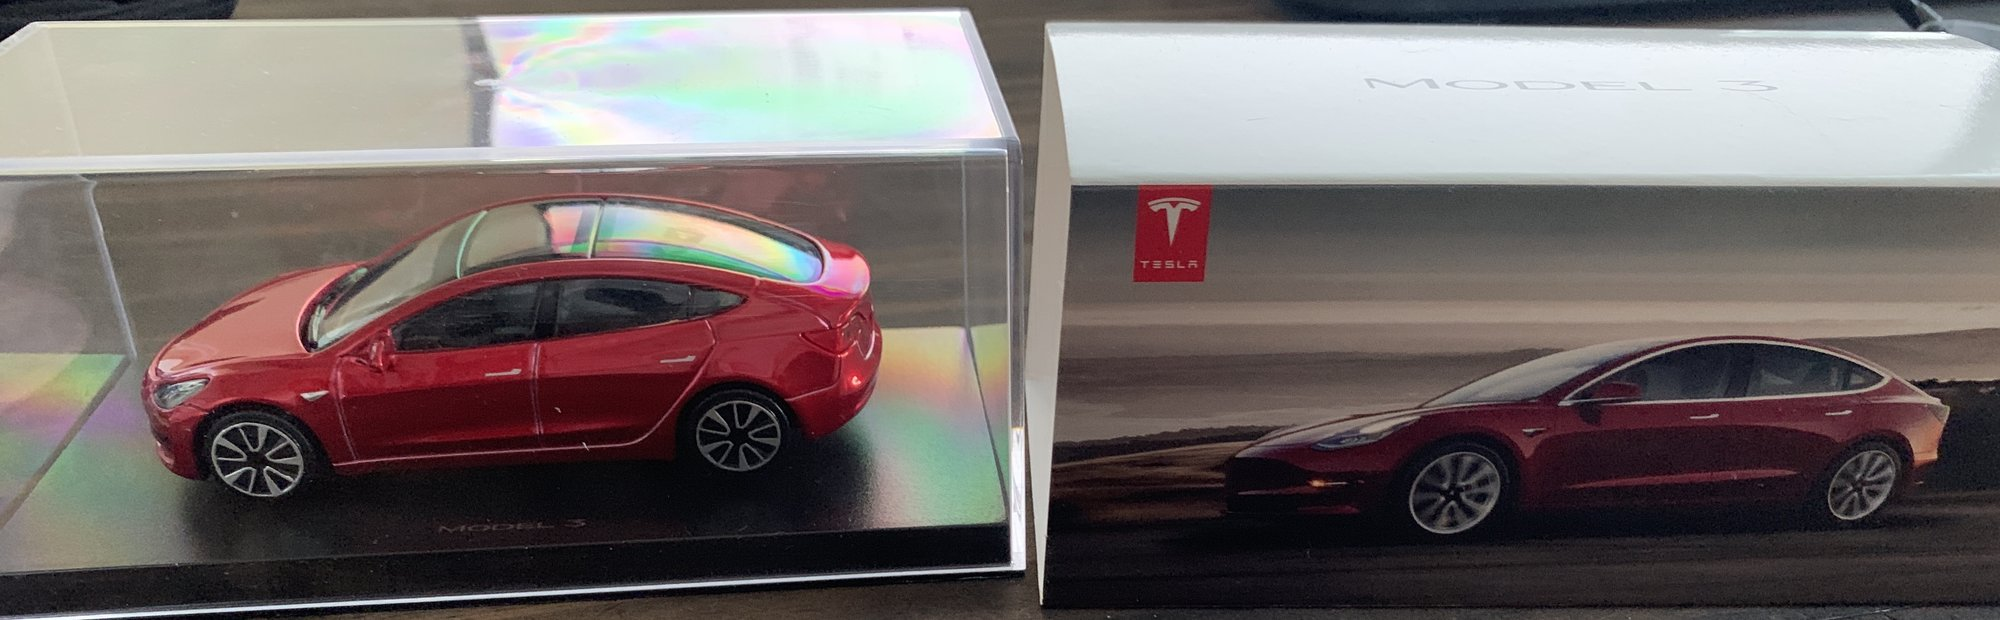 Tesla Die Cast.jpg